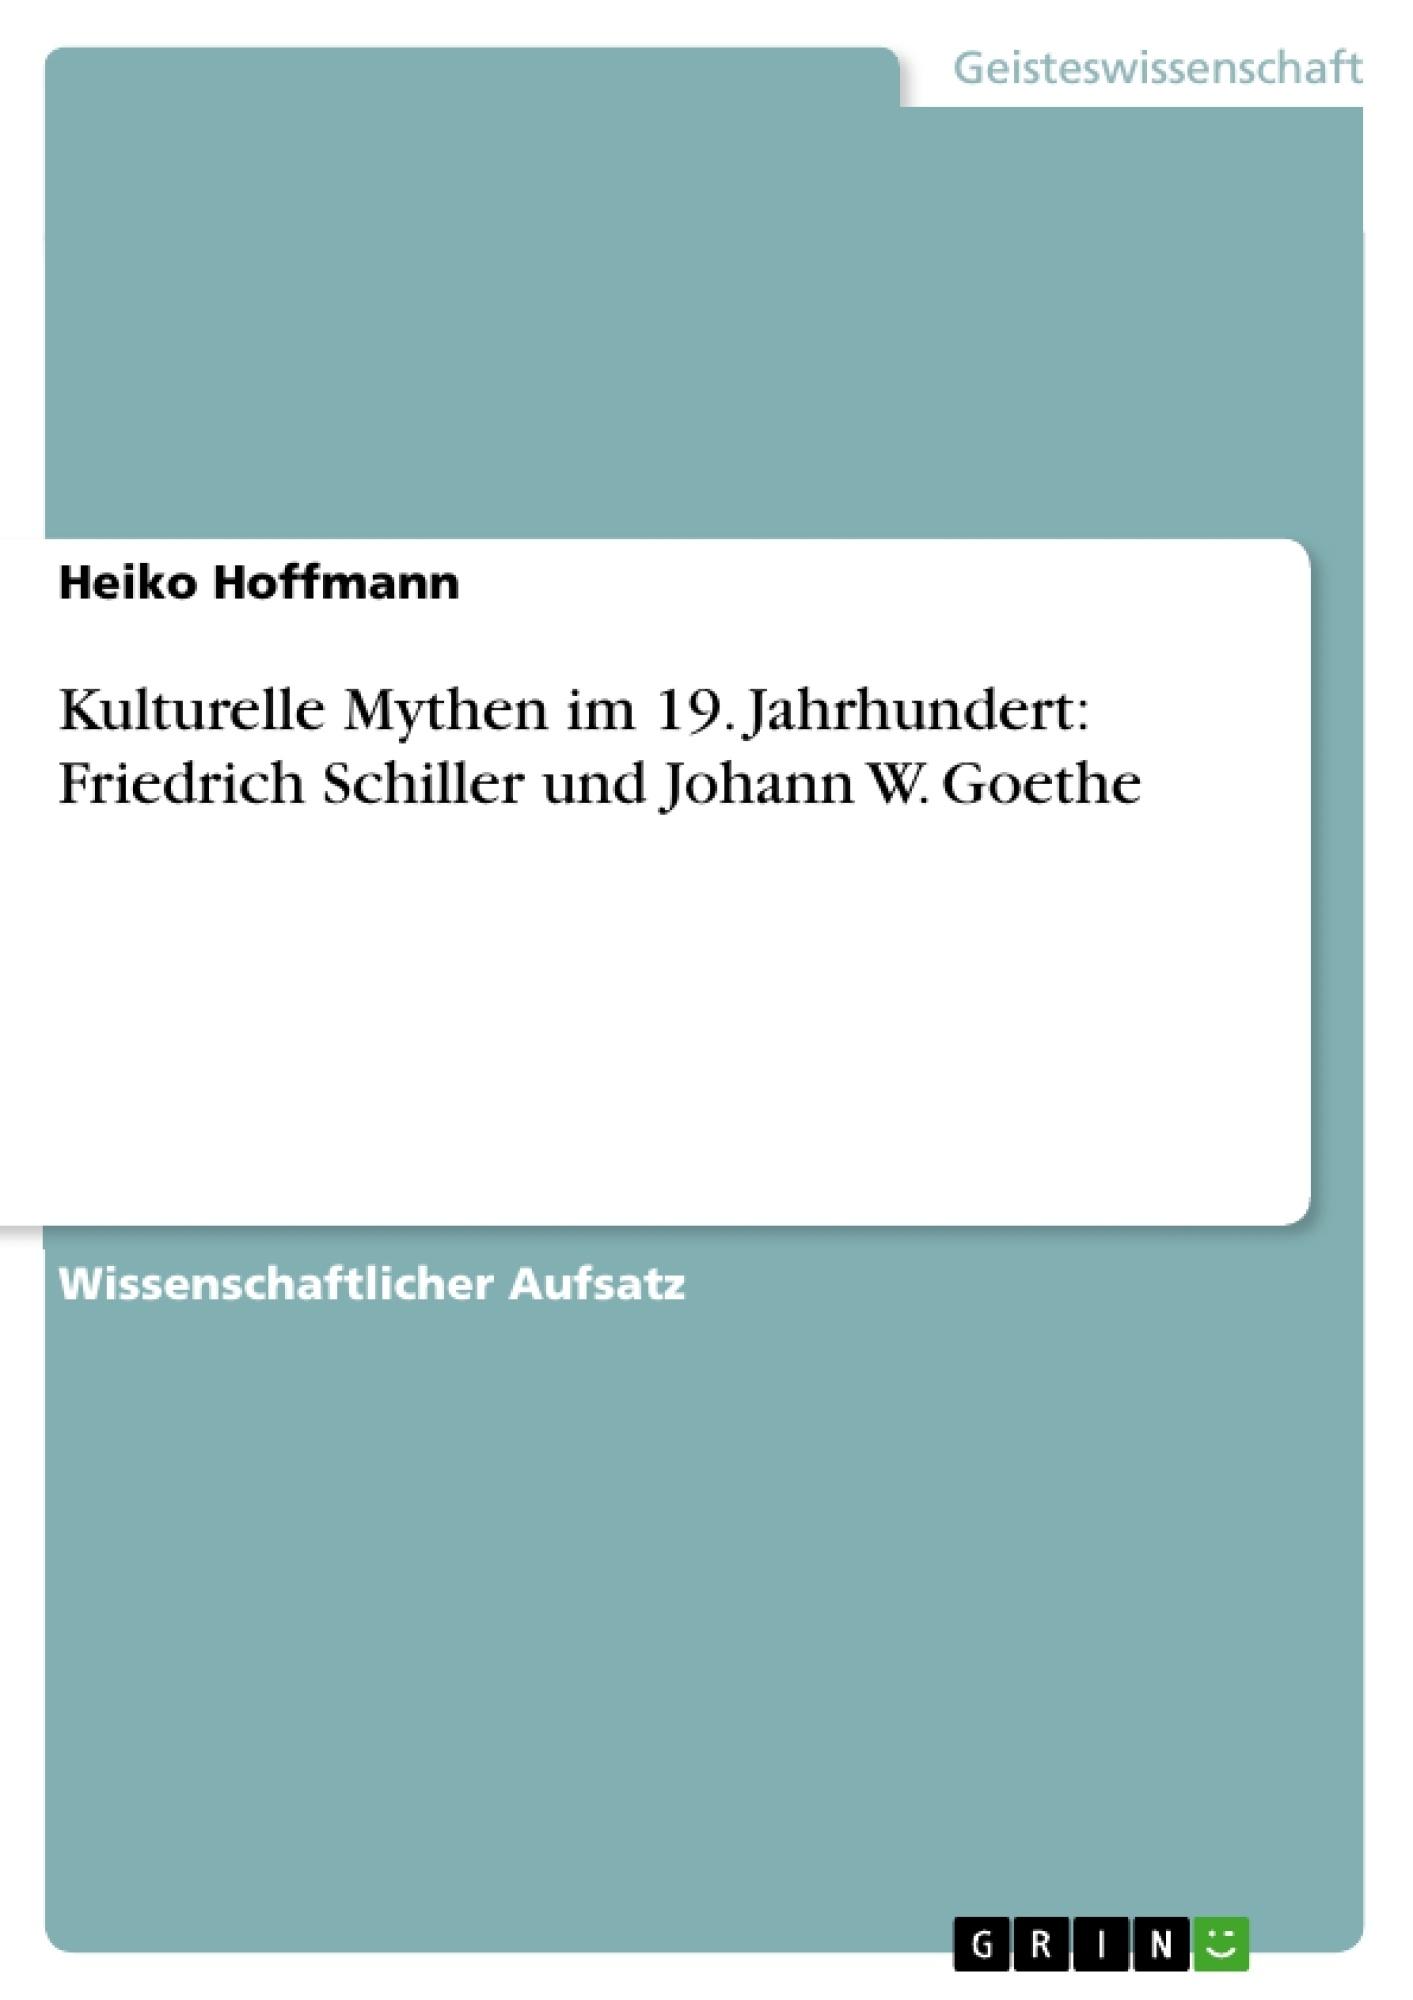 Titel: Kulturelle Mythen im 19. Jahrhundert: Friedrich Schiller und Johann W.  Goethe